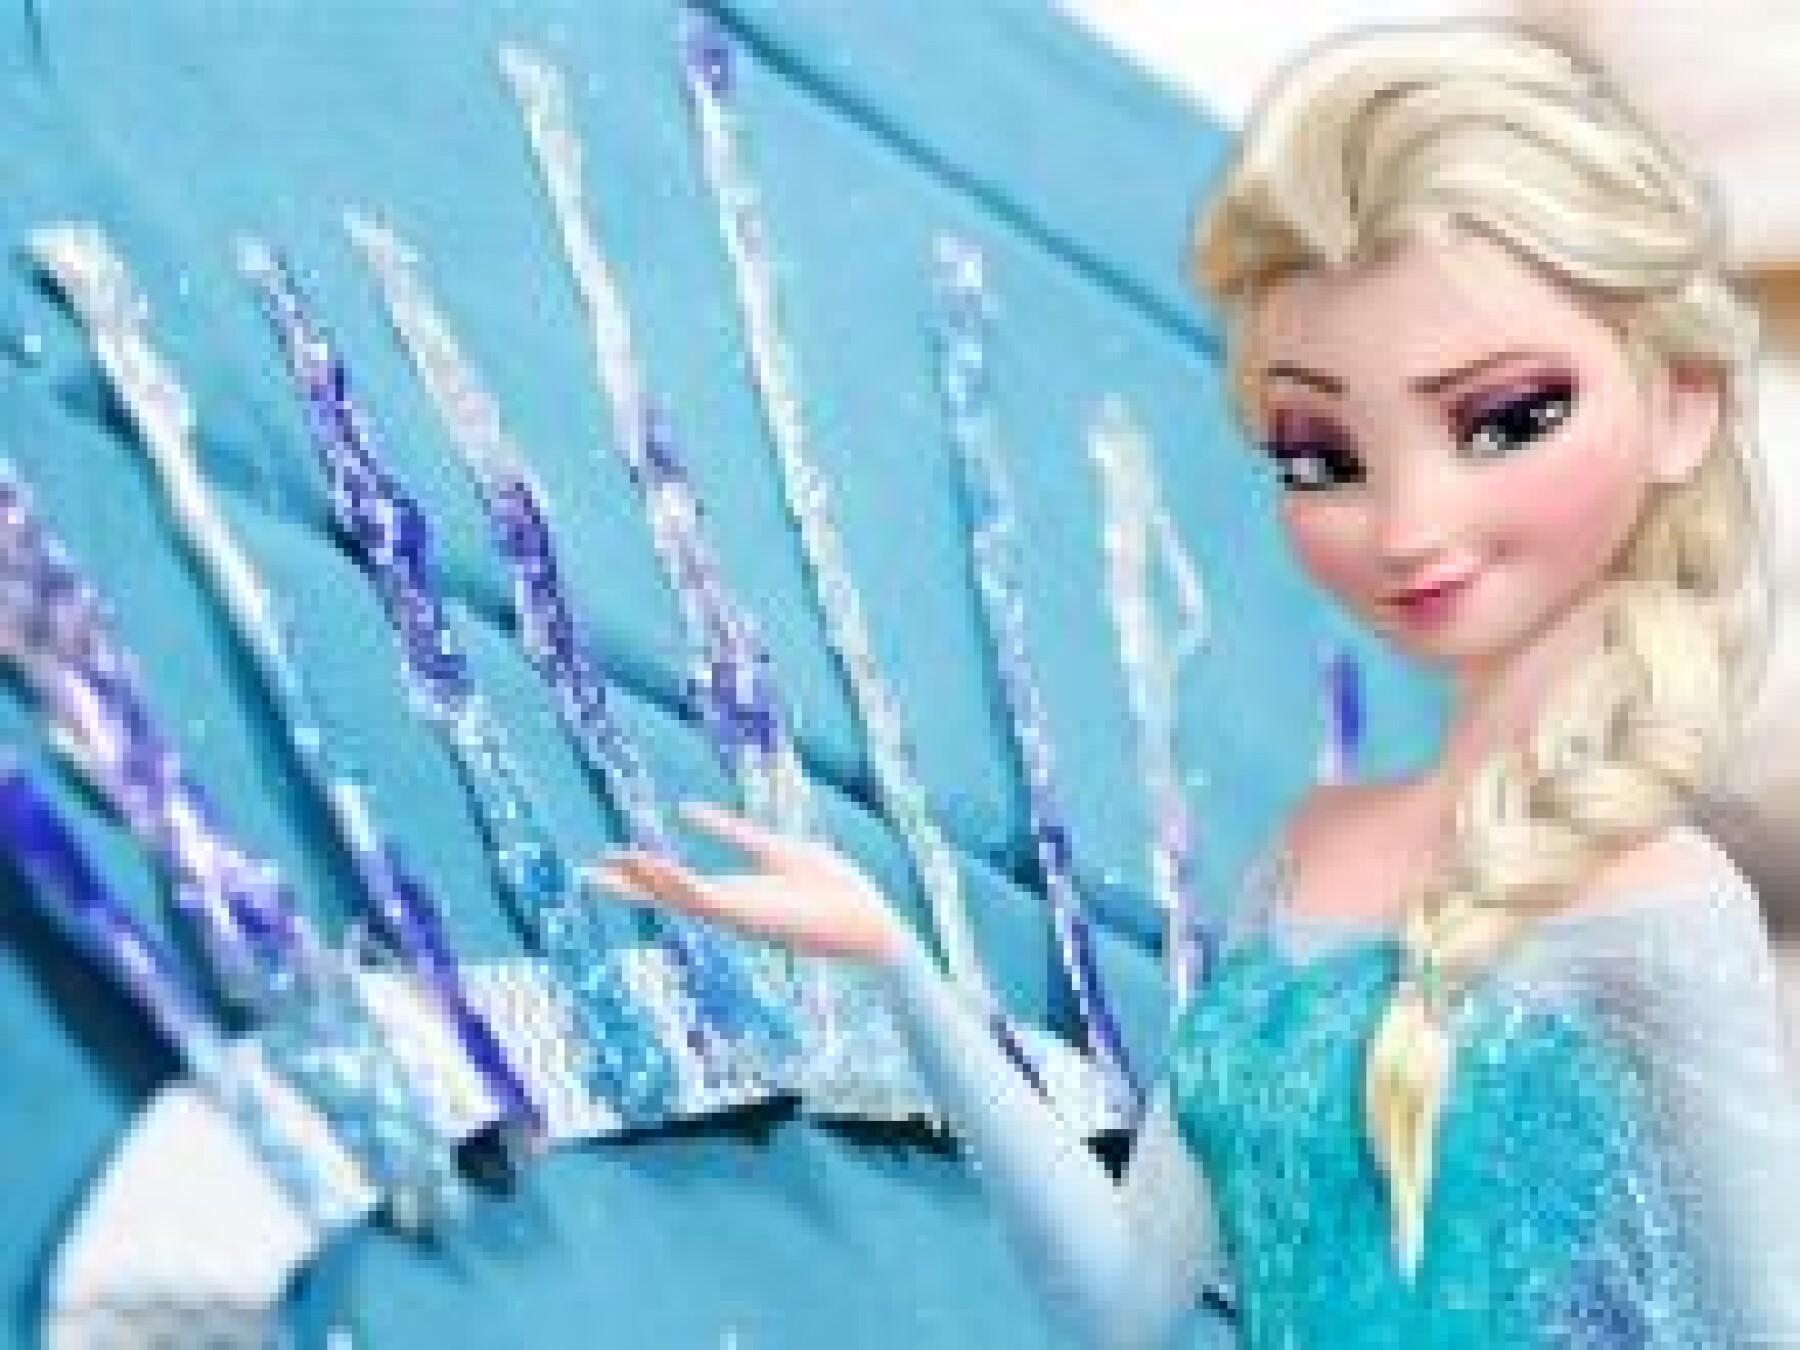 La couronne d'Elsa